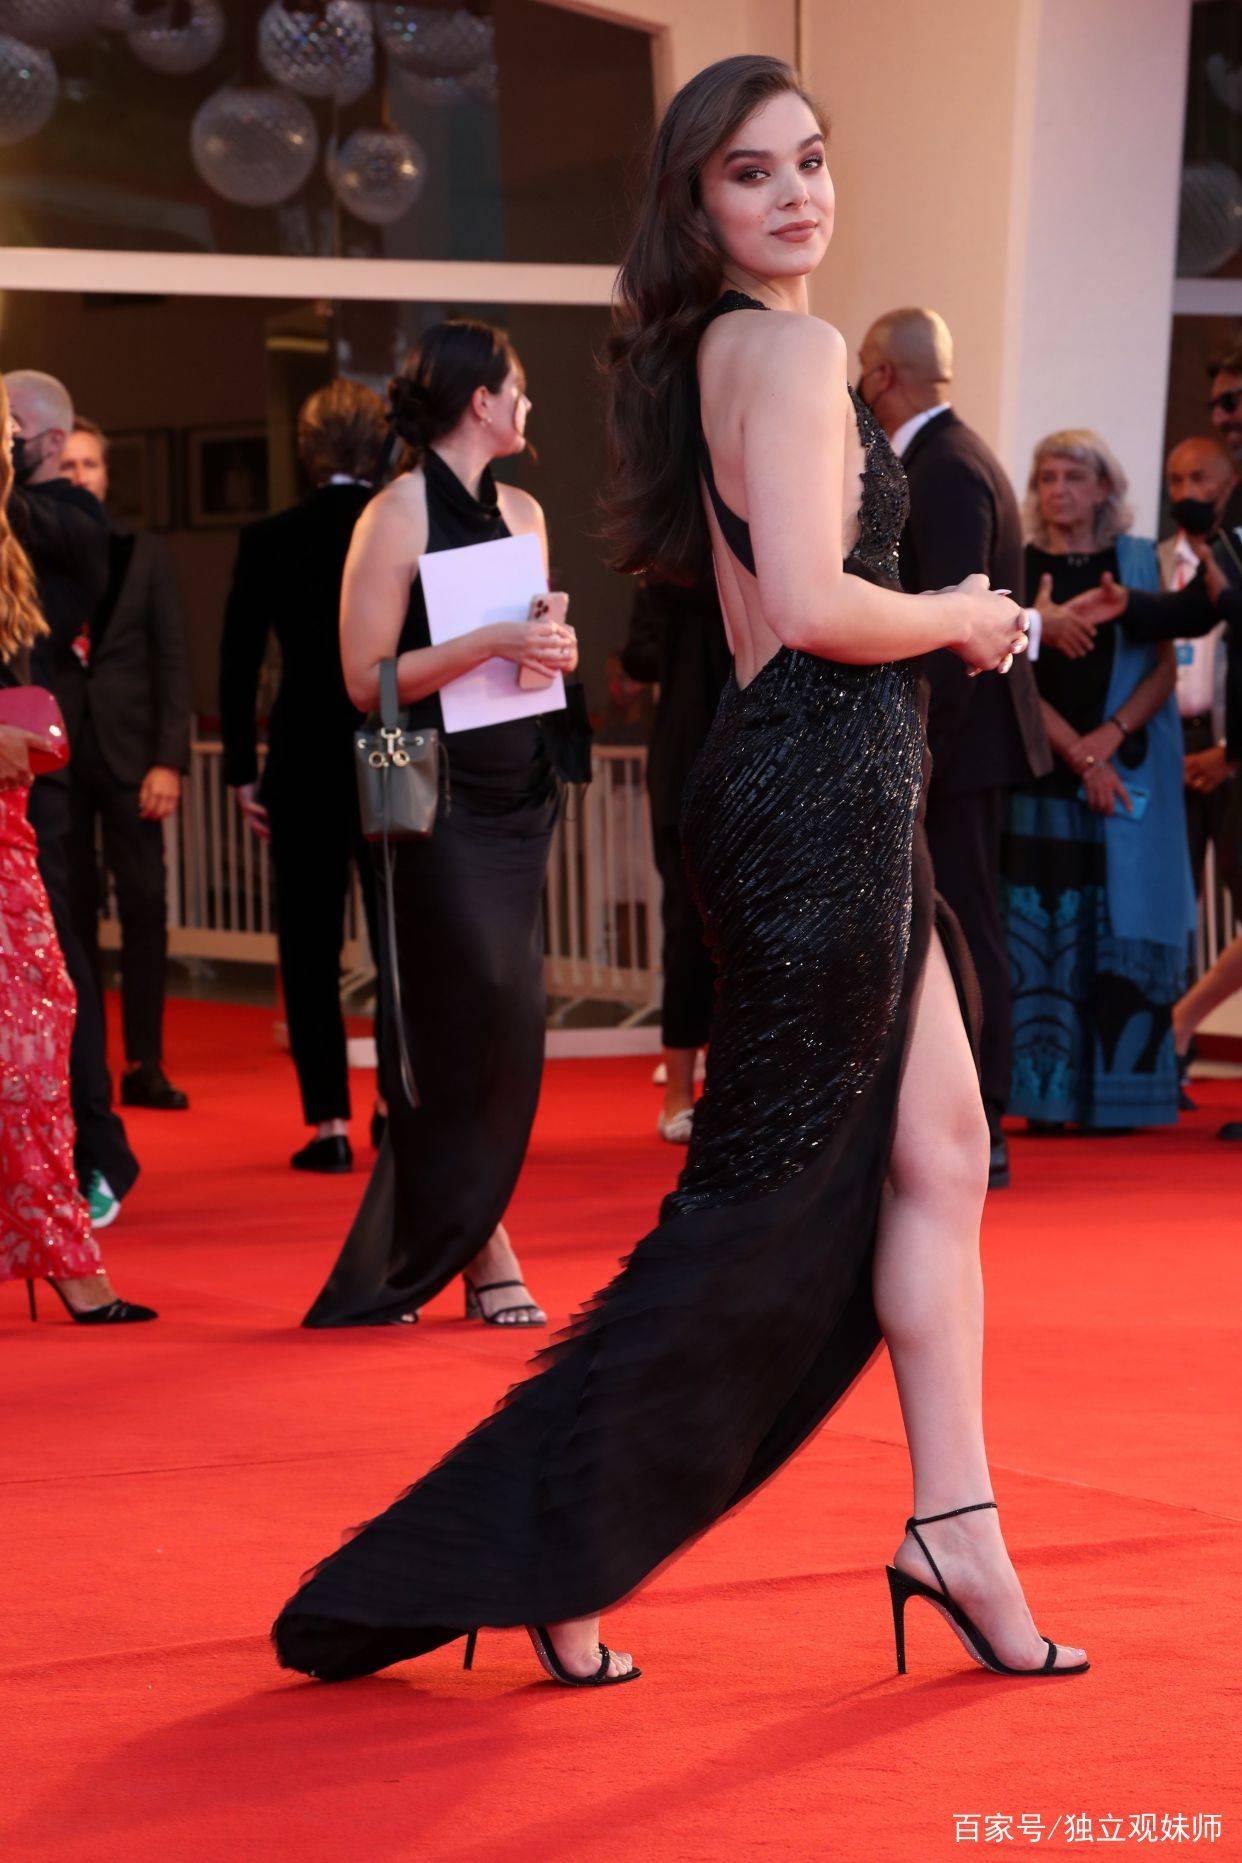 女鹰眼海莉·斯坦菲尔德走红毯,深V领、大露背造型,大秀好身材